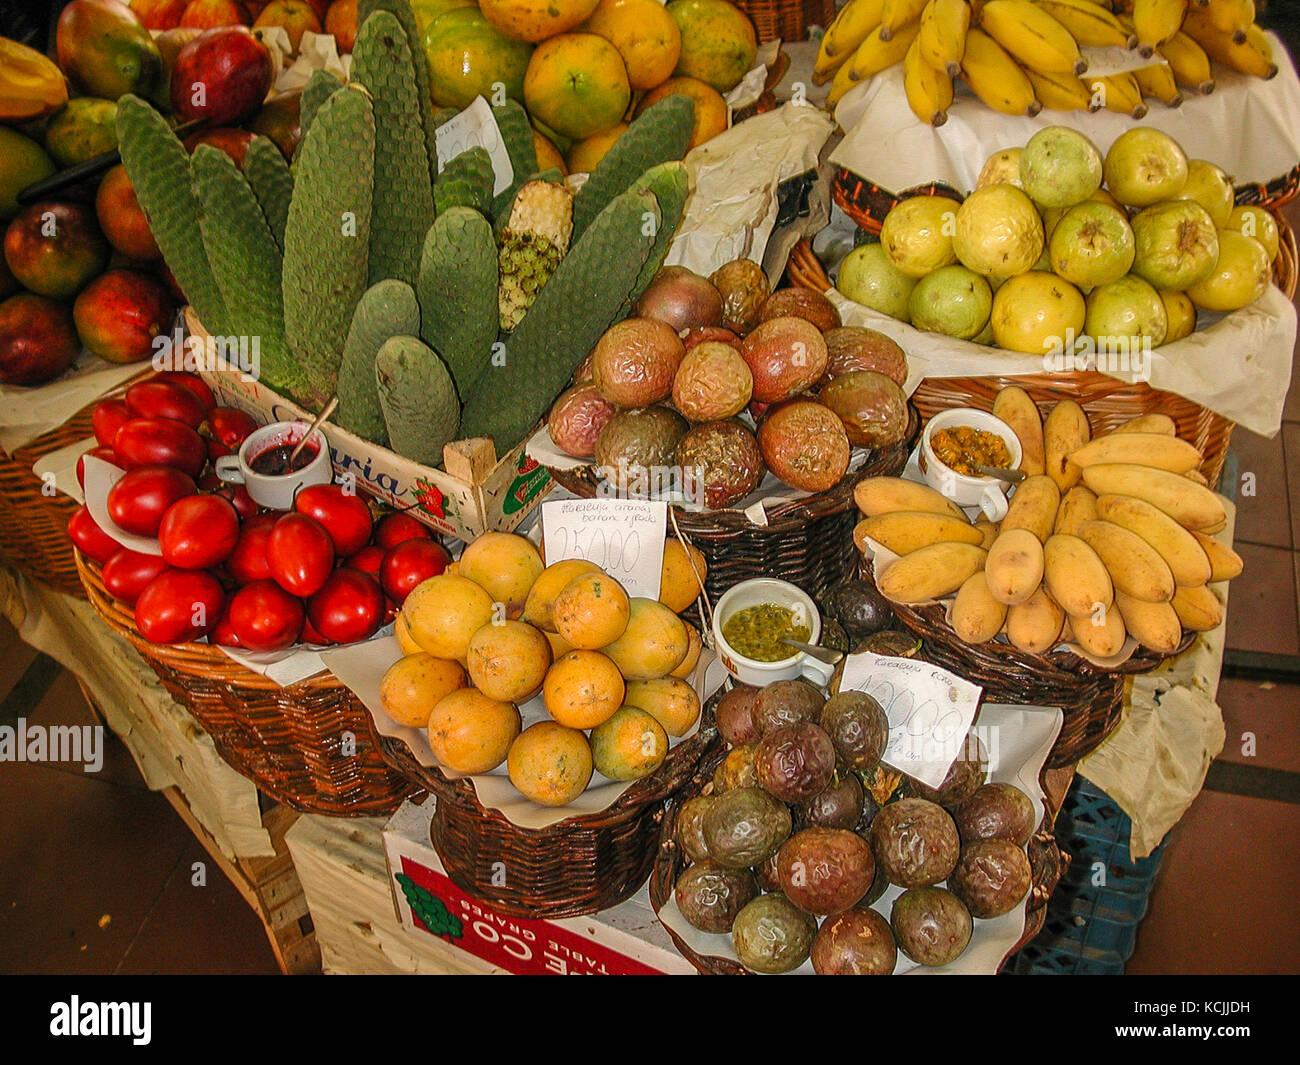 Mercado dos Lavradores, Funchal, Madeirã, Portugal Stockbild